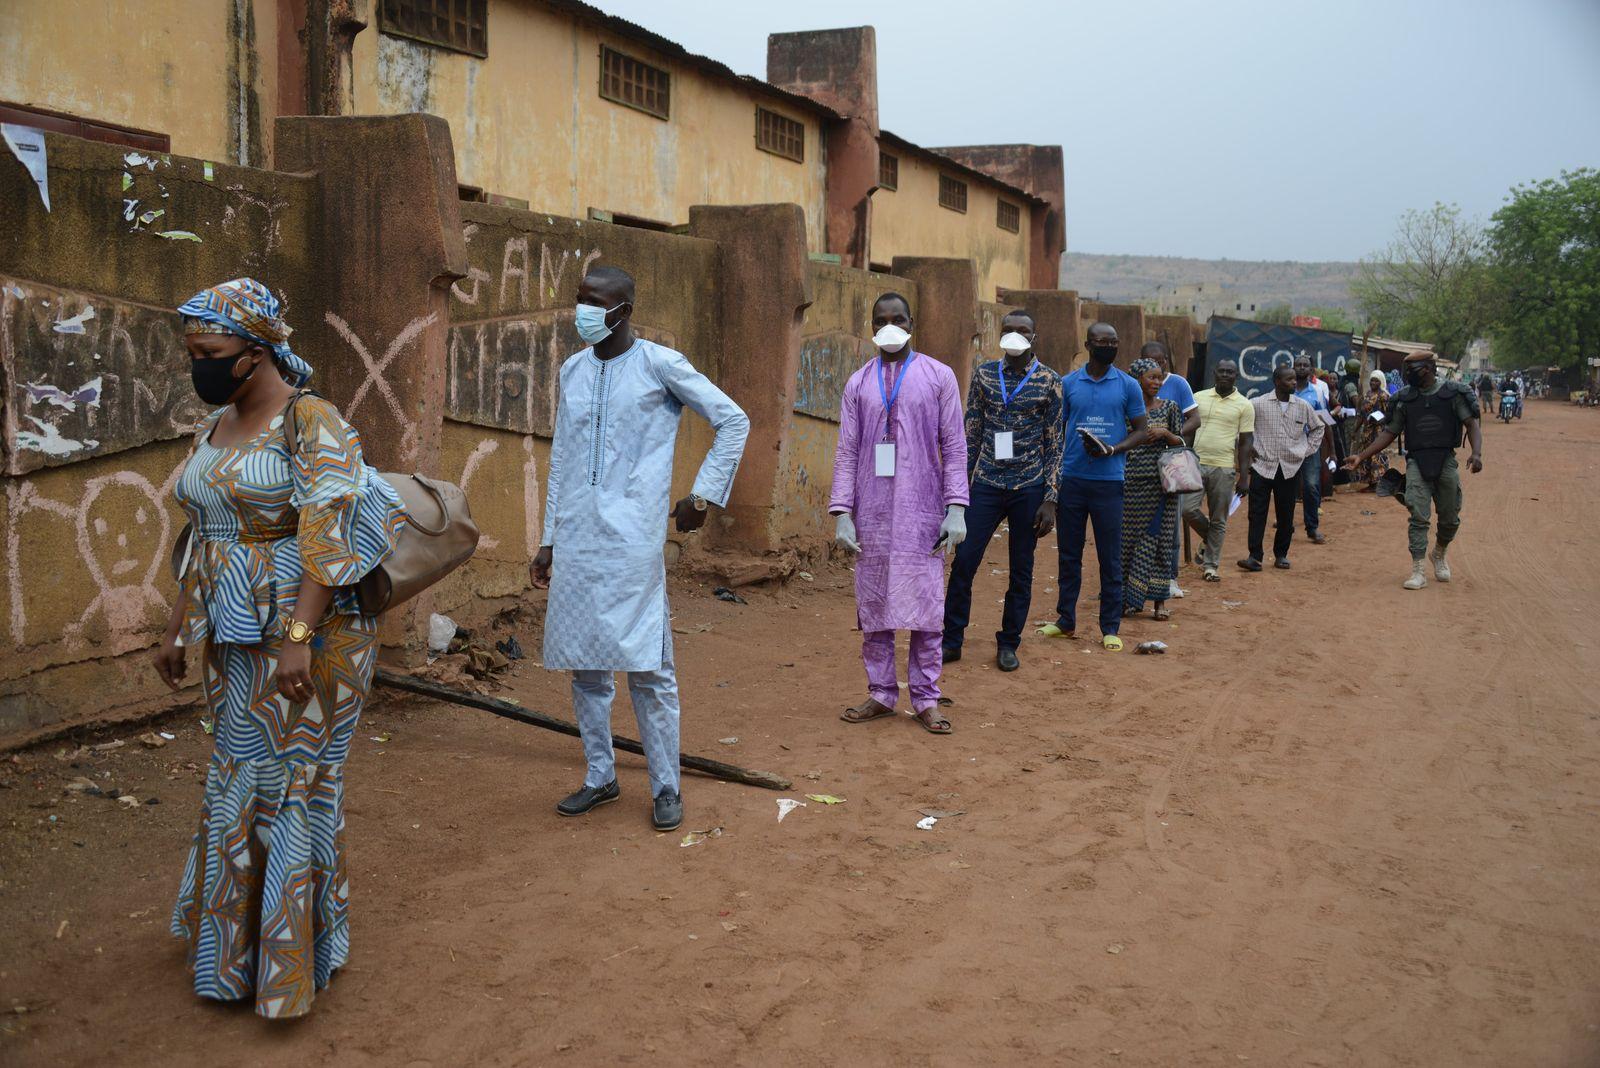 Parlamentswahlen in Mali